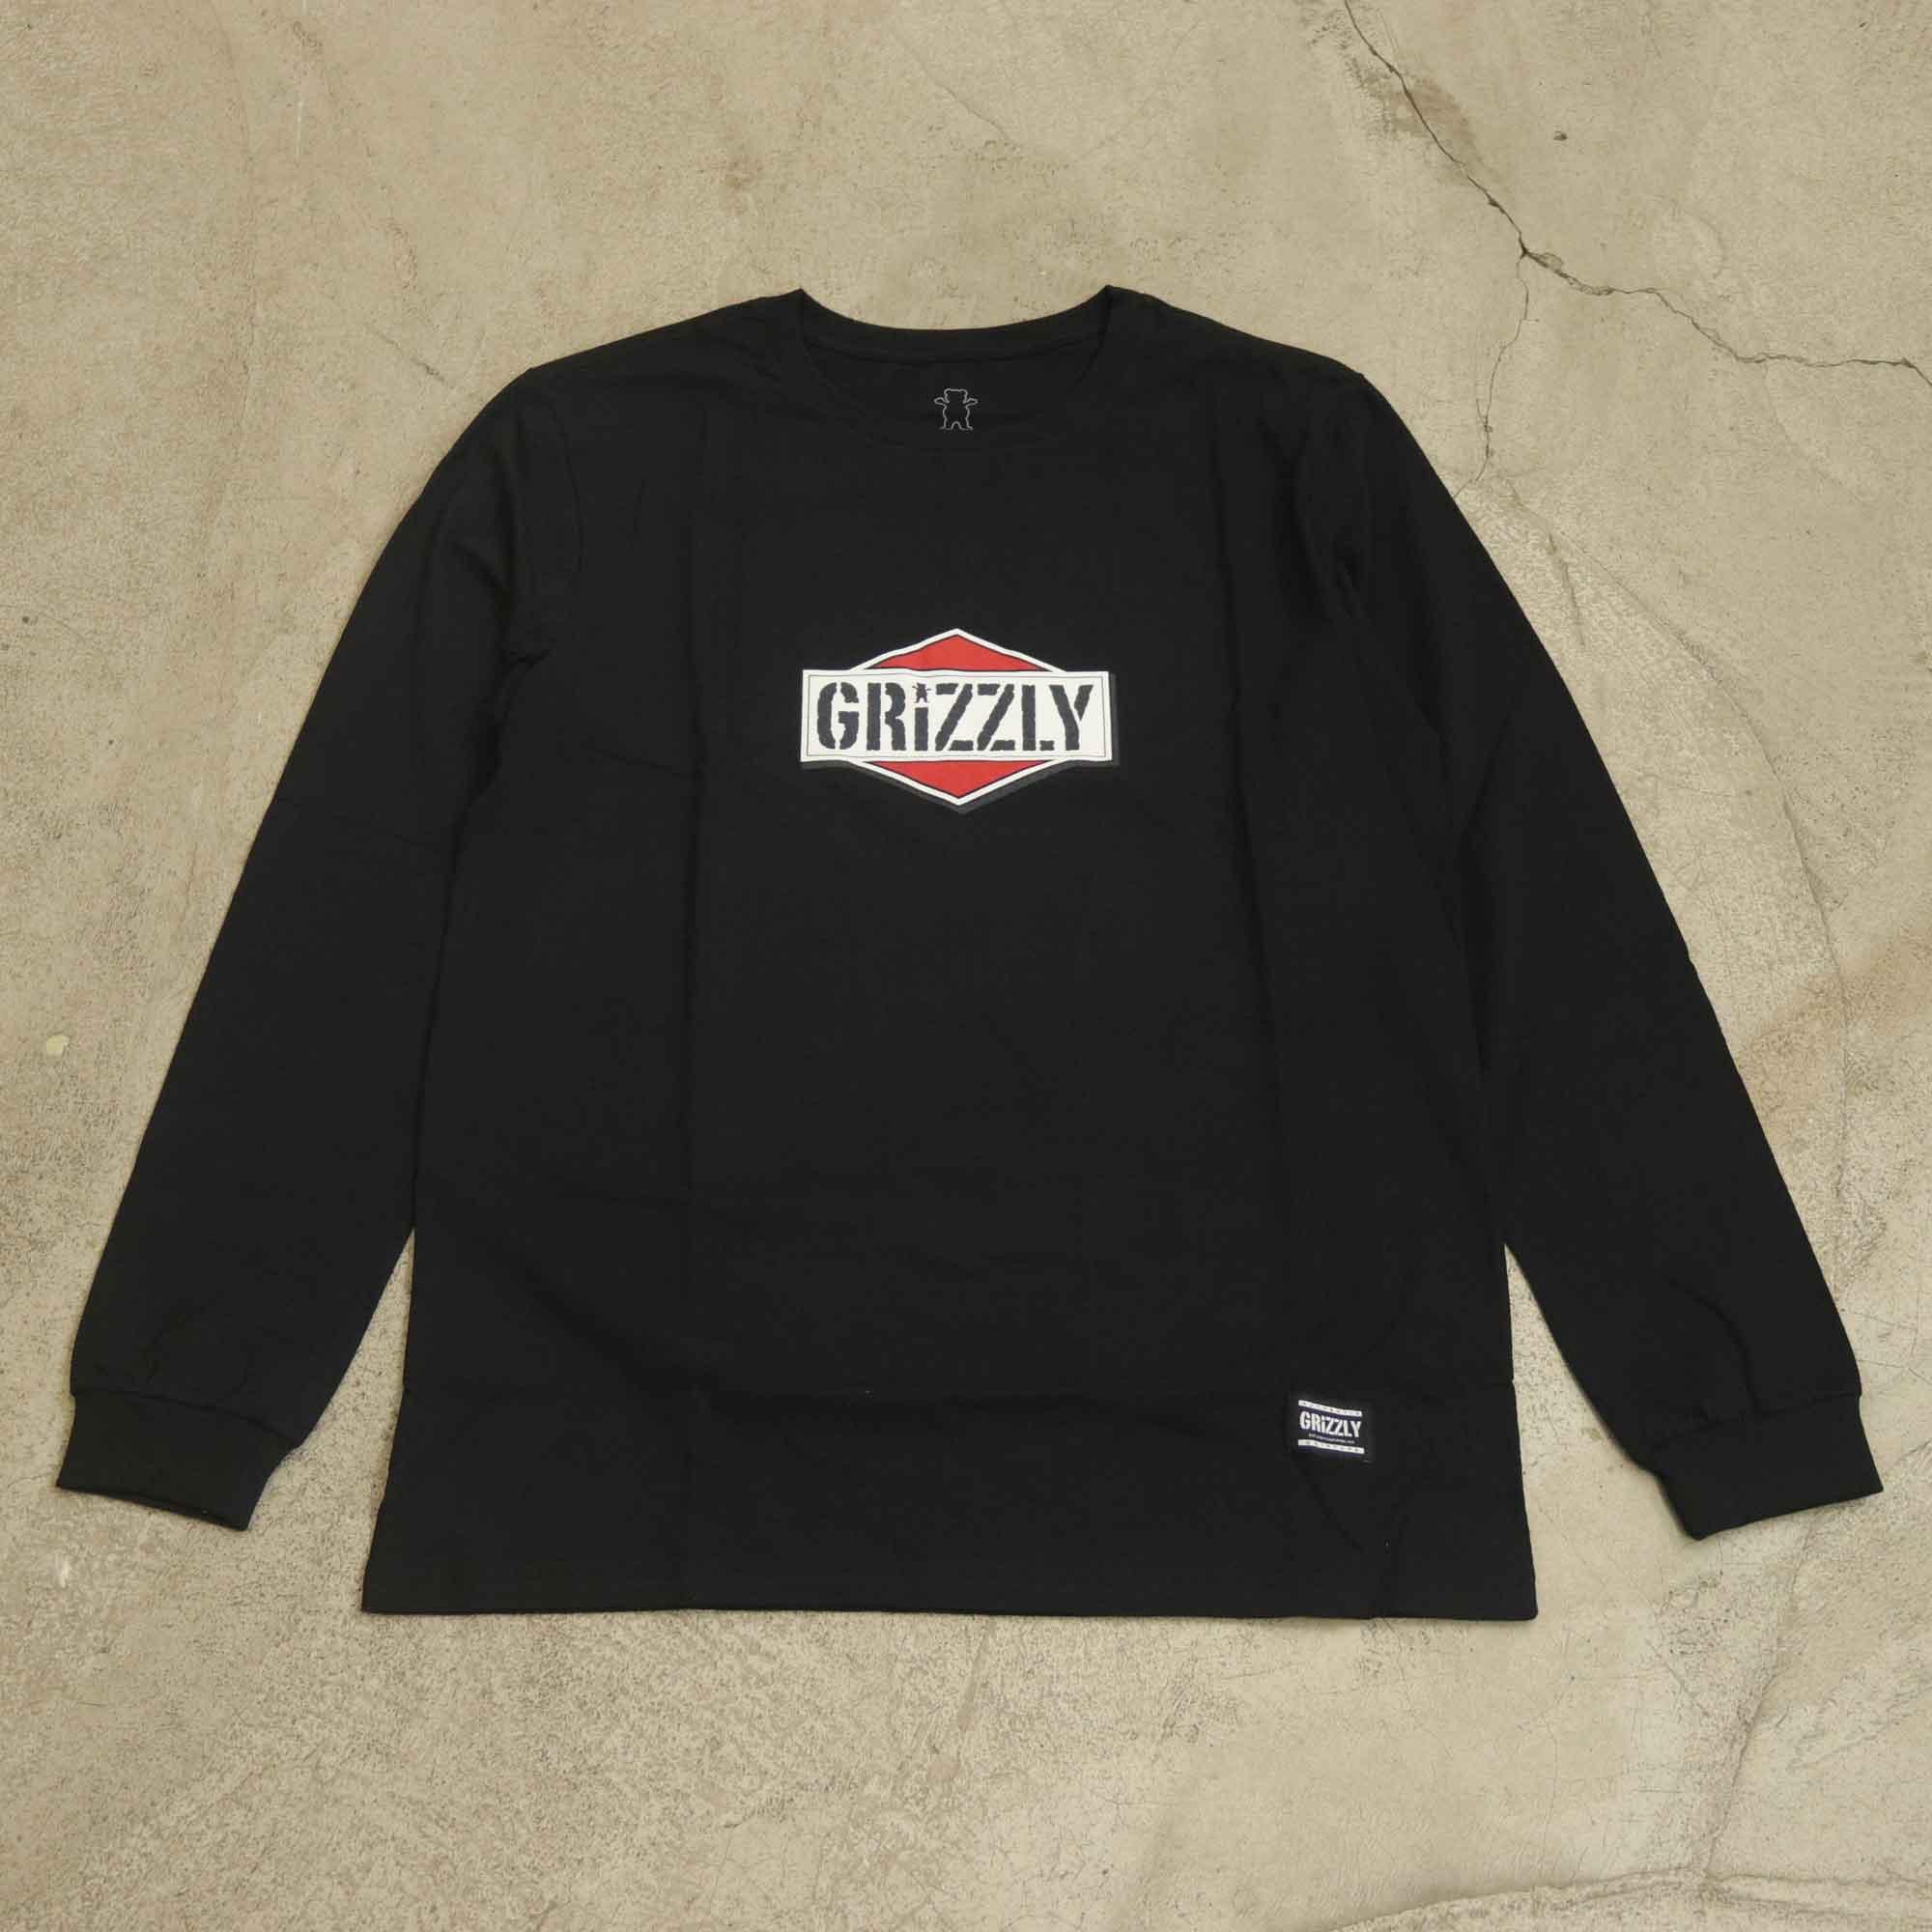 Camiseta Grizzly Manga Longa